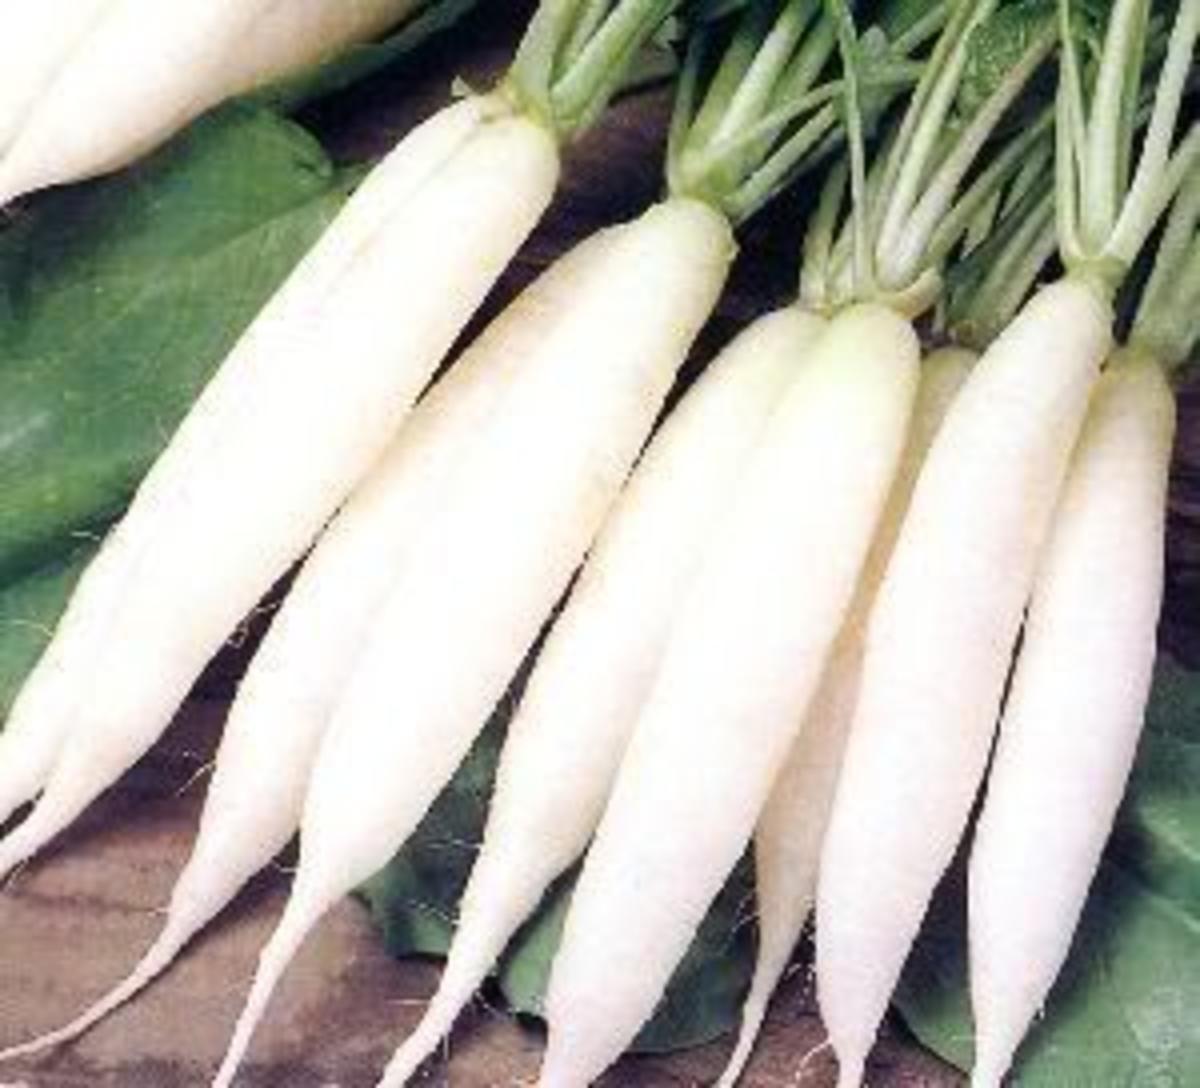 Labanos or White Radish (Photo Credit: misspaddy photobucket)